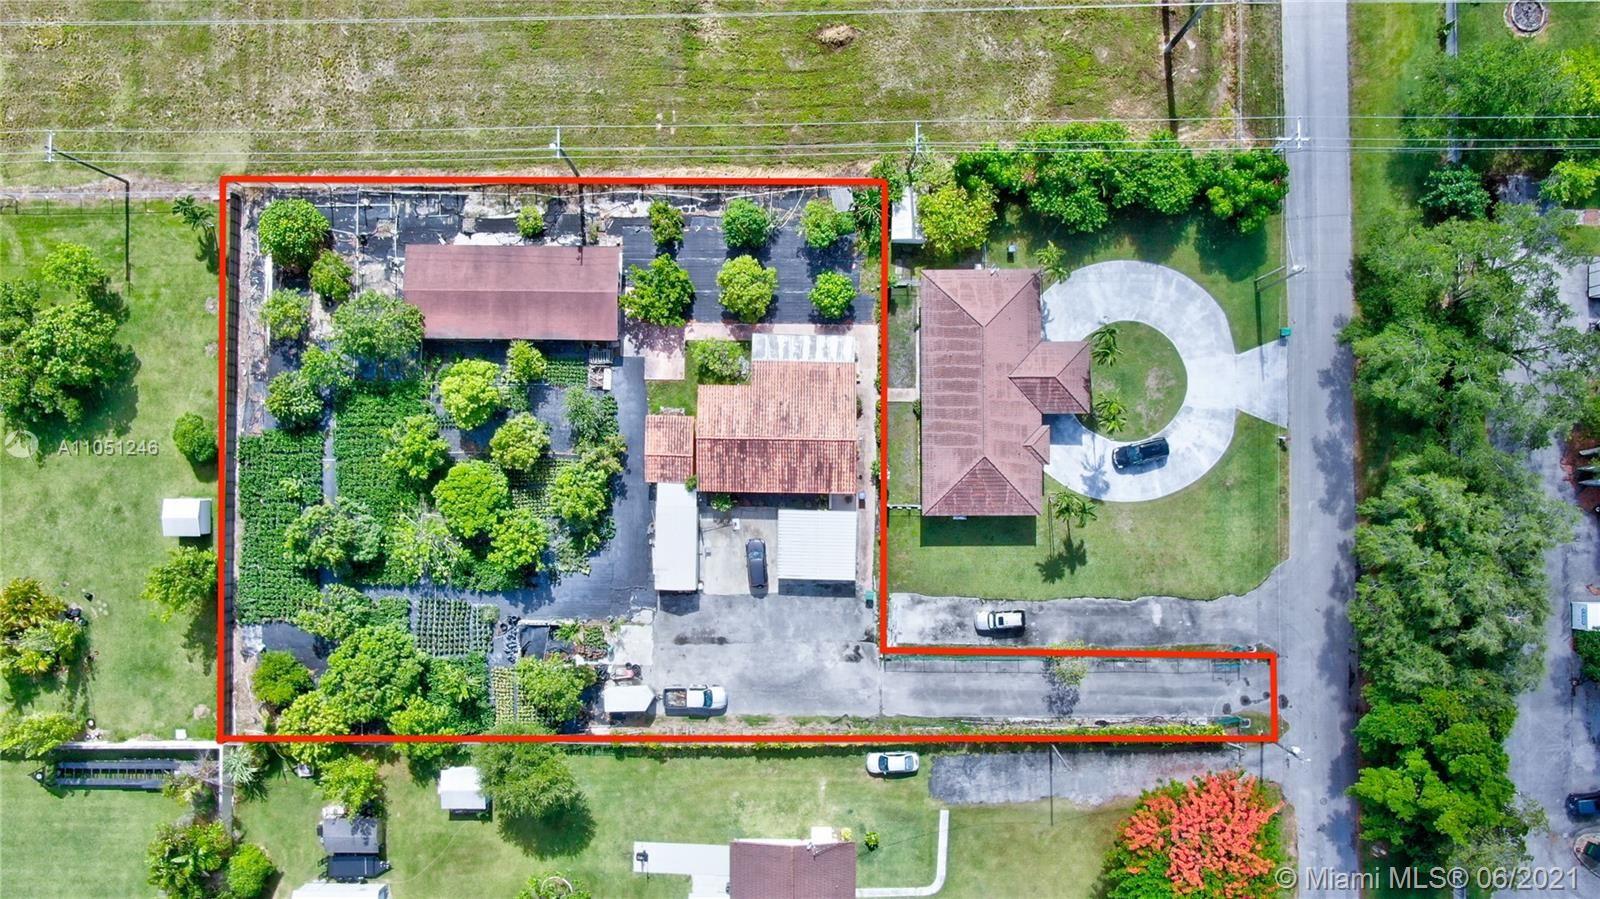 10325 SW 70th St, Miami, FL 33173 - #: A11051246